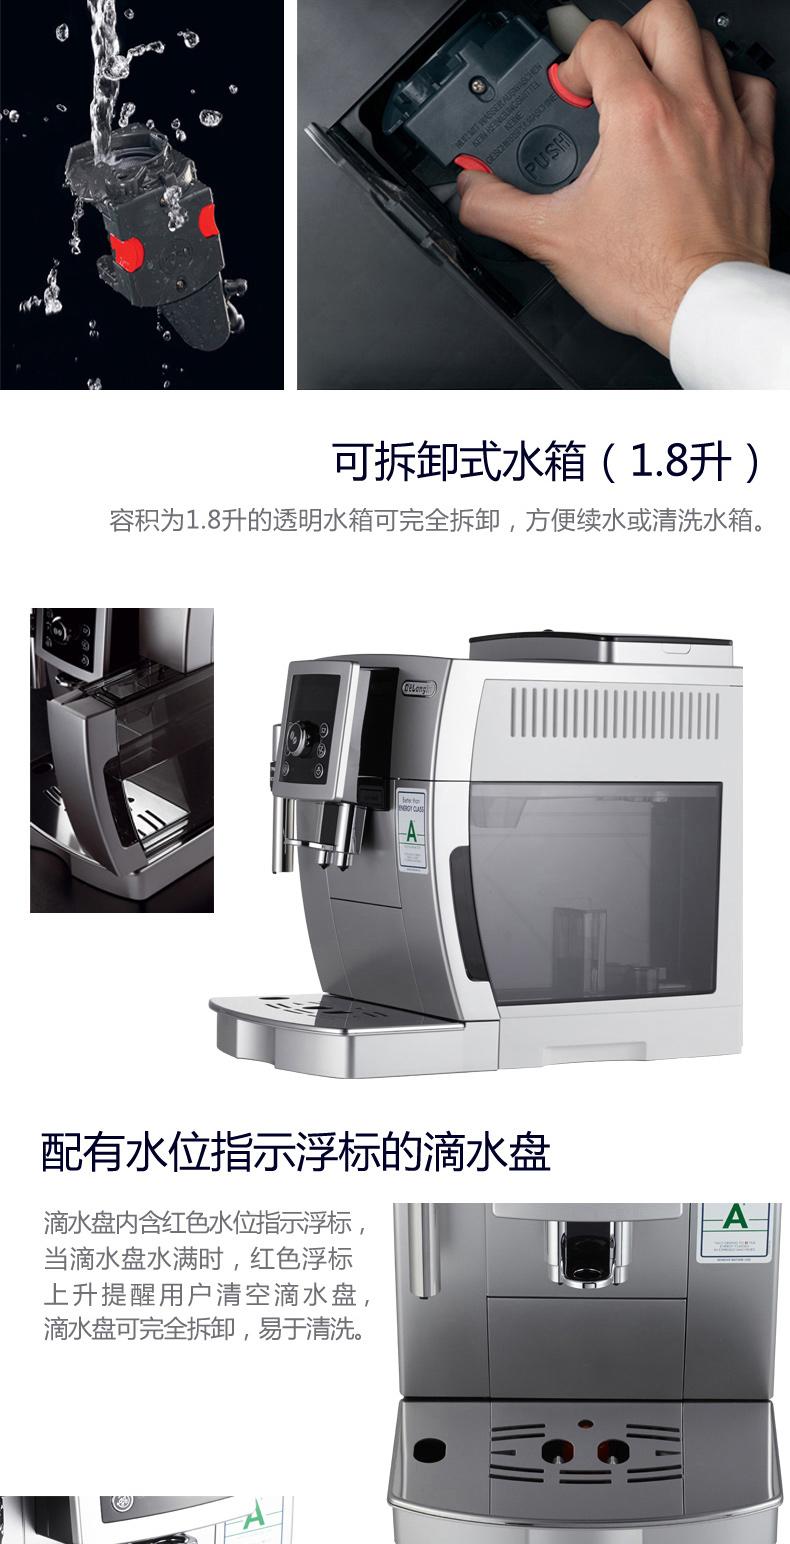 德龙意式超级全自动进口咖啡机